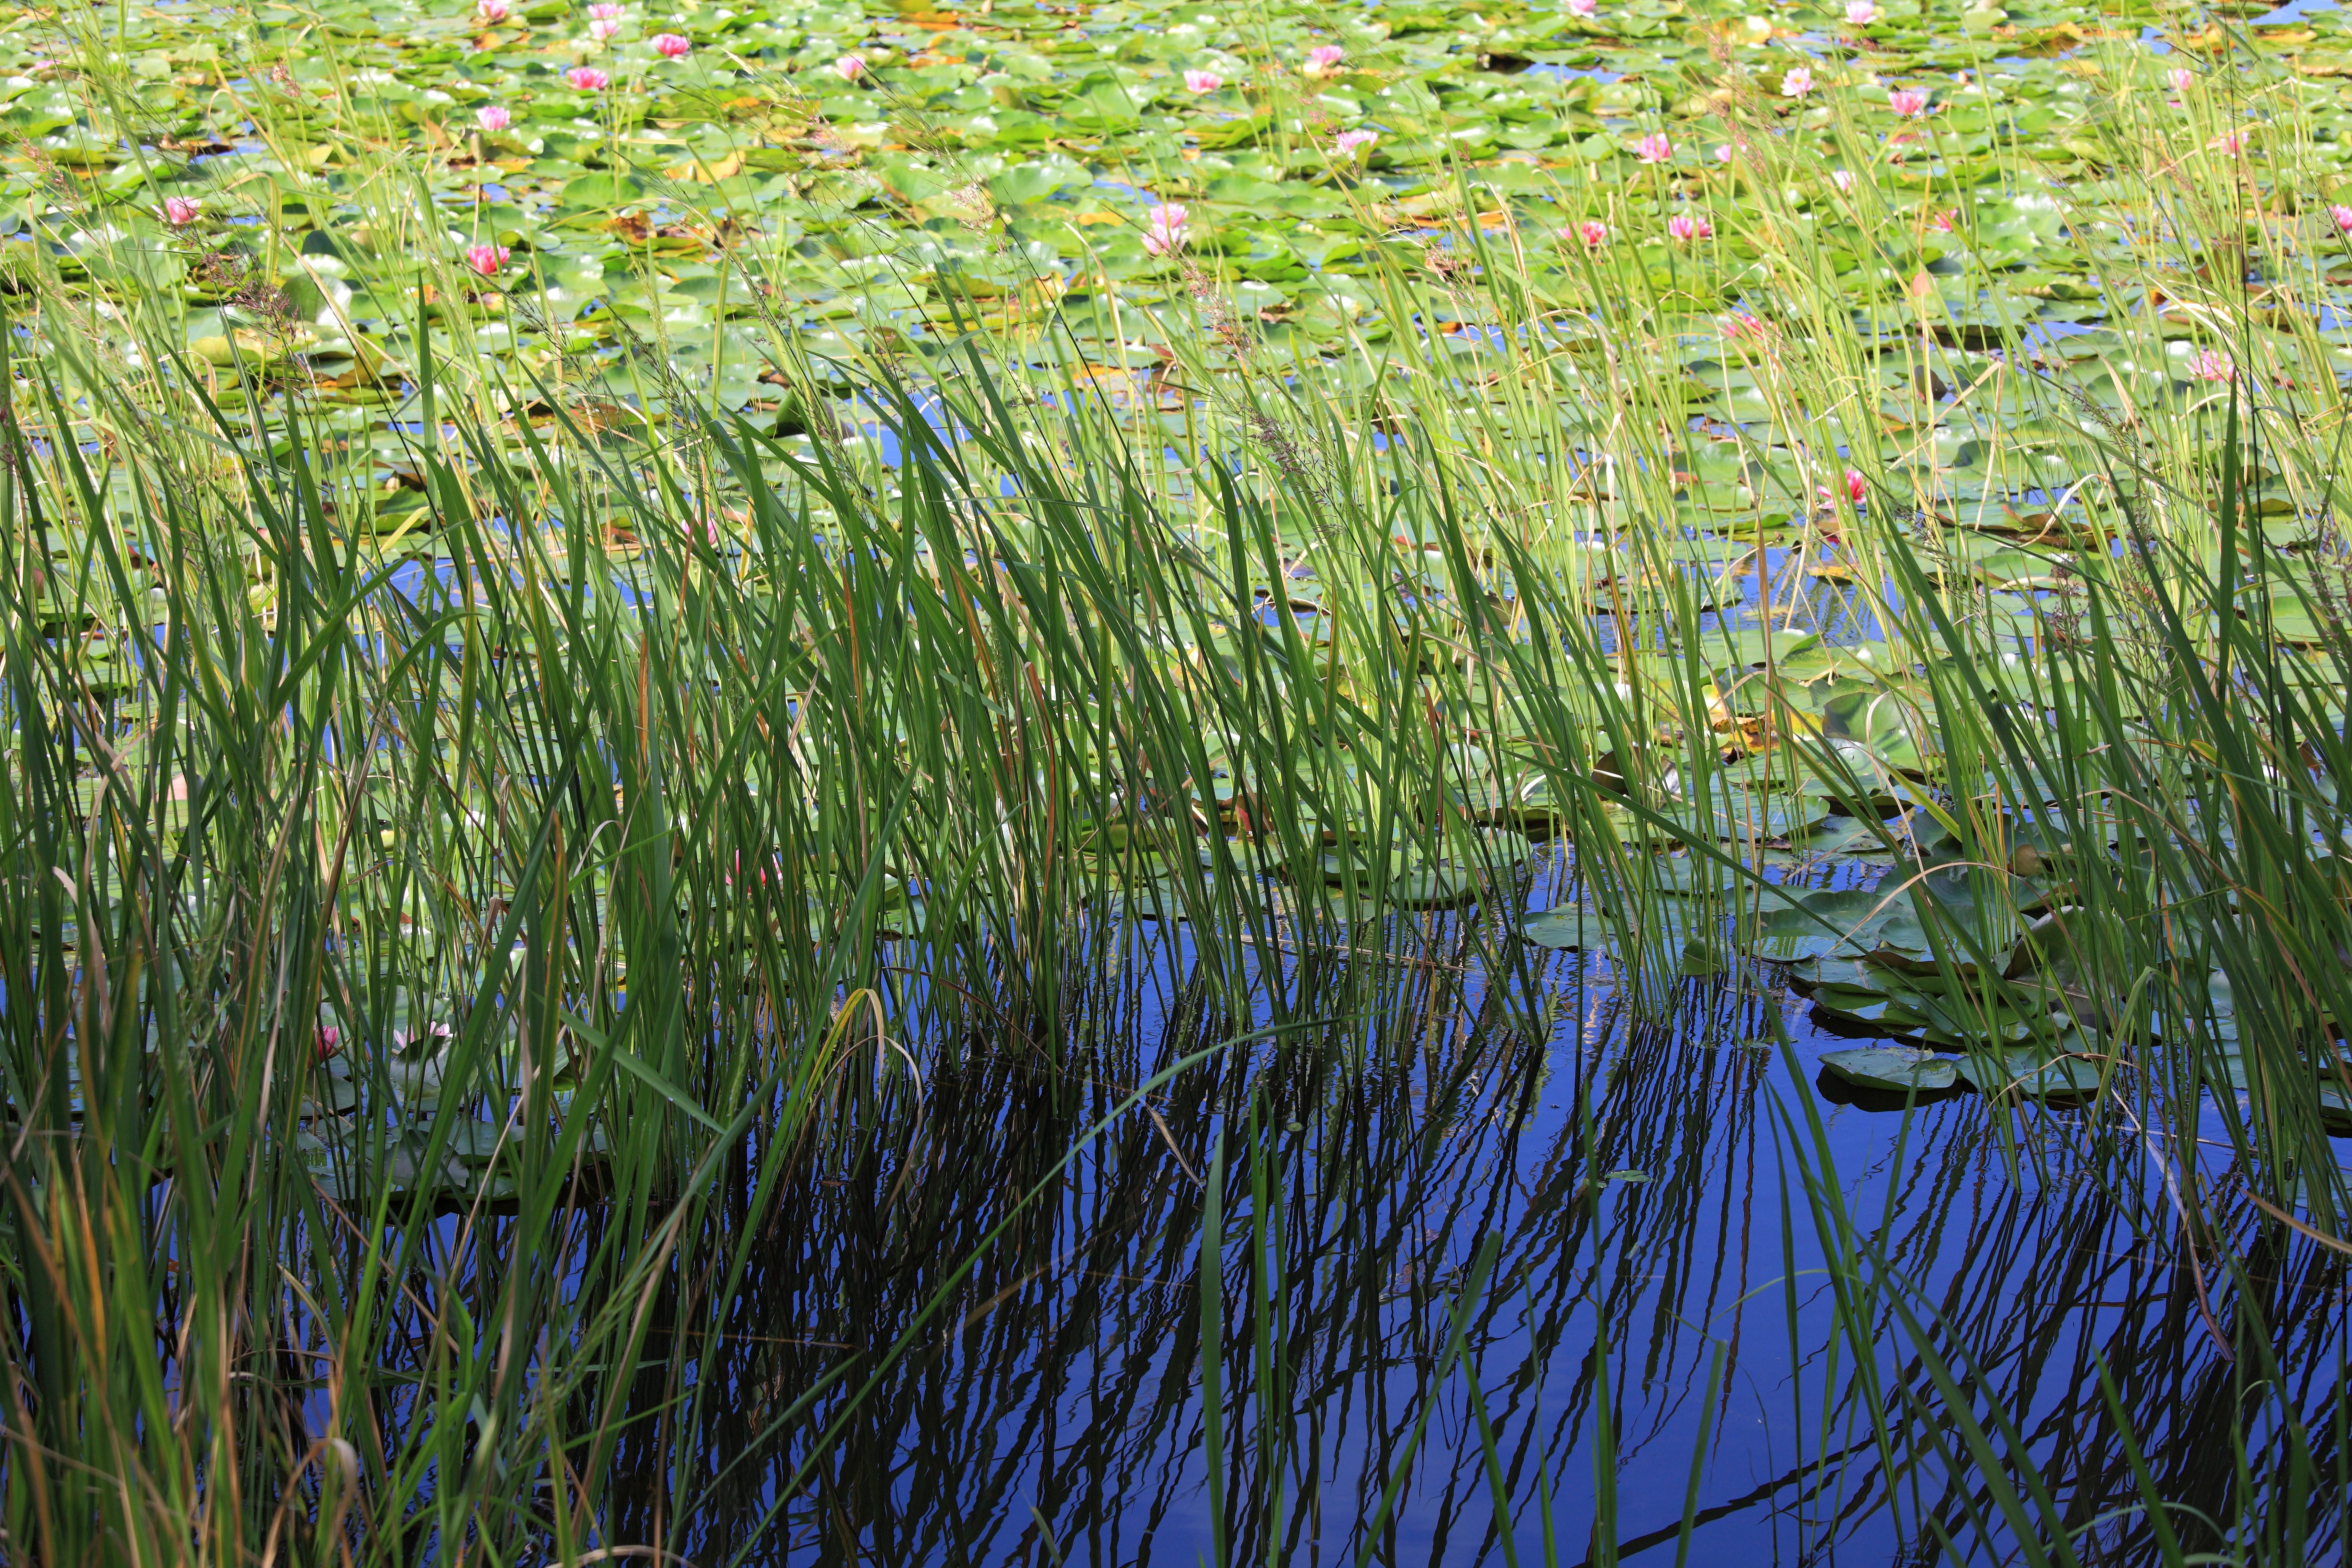 Камышовое растение. растение в прибрежной зоне водоема — камыш: фото, польза для человека камышовое растение. растение в прибрежной зоне водоема — камыш: фото, польза для человека